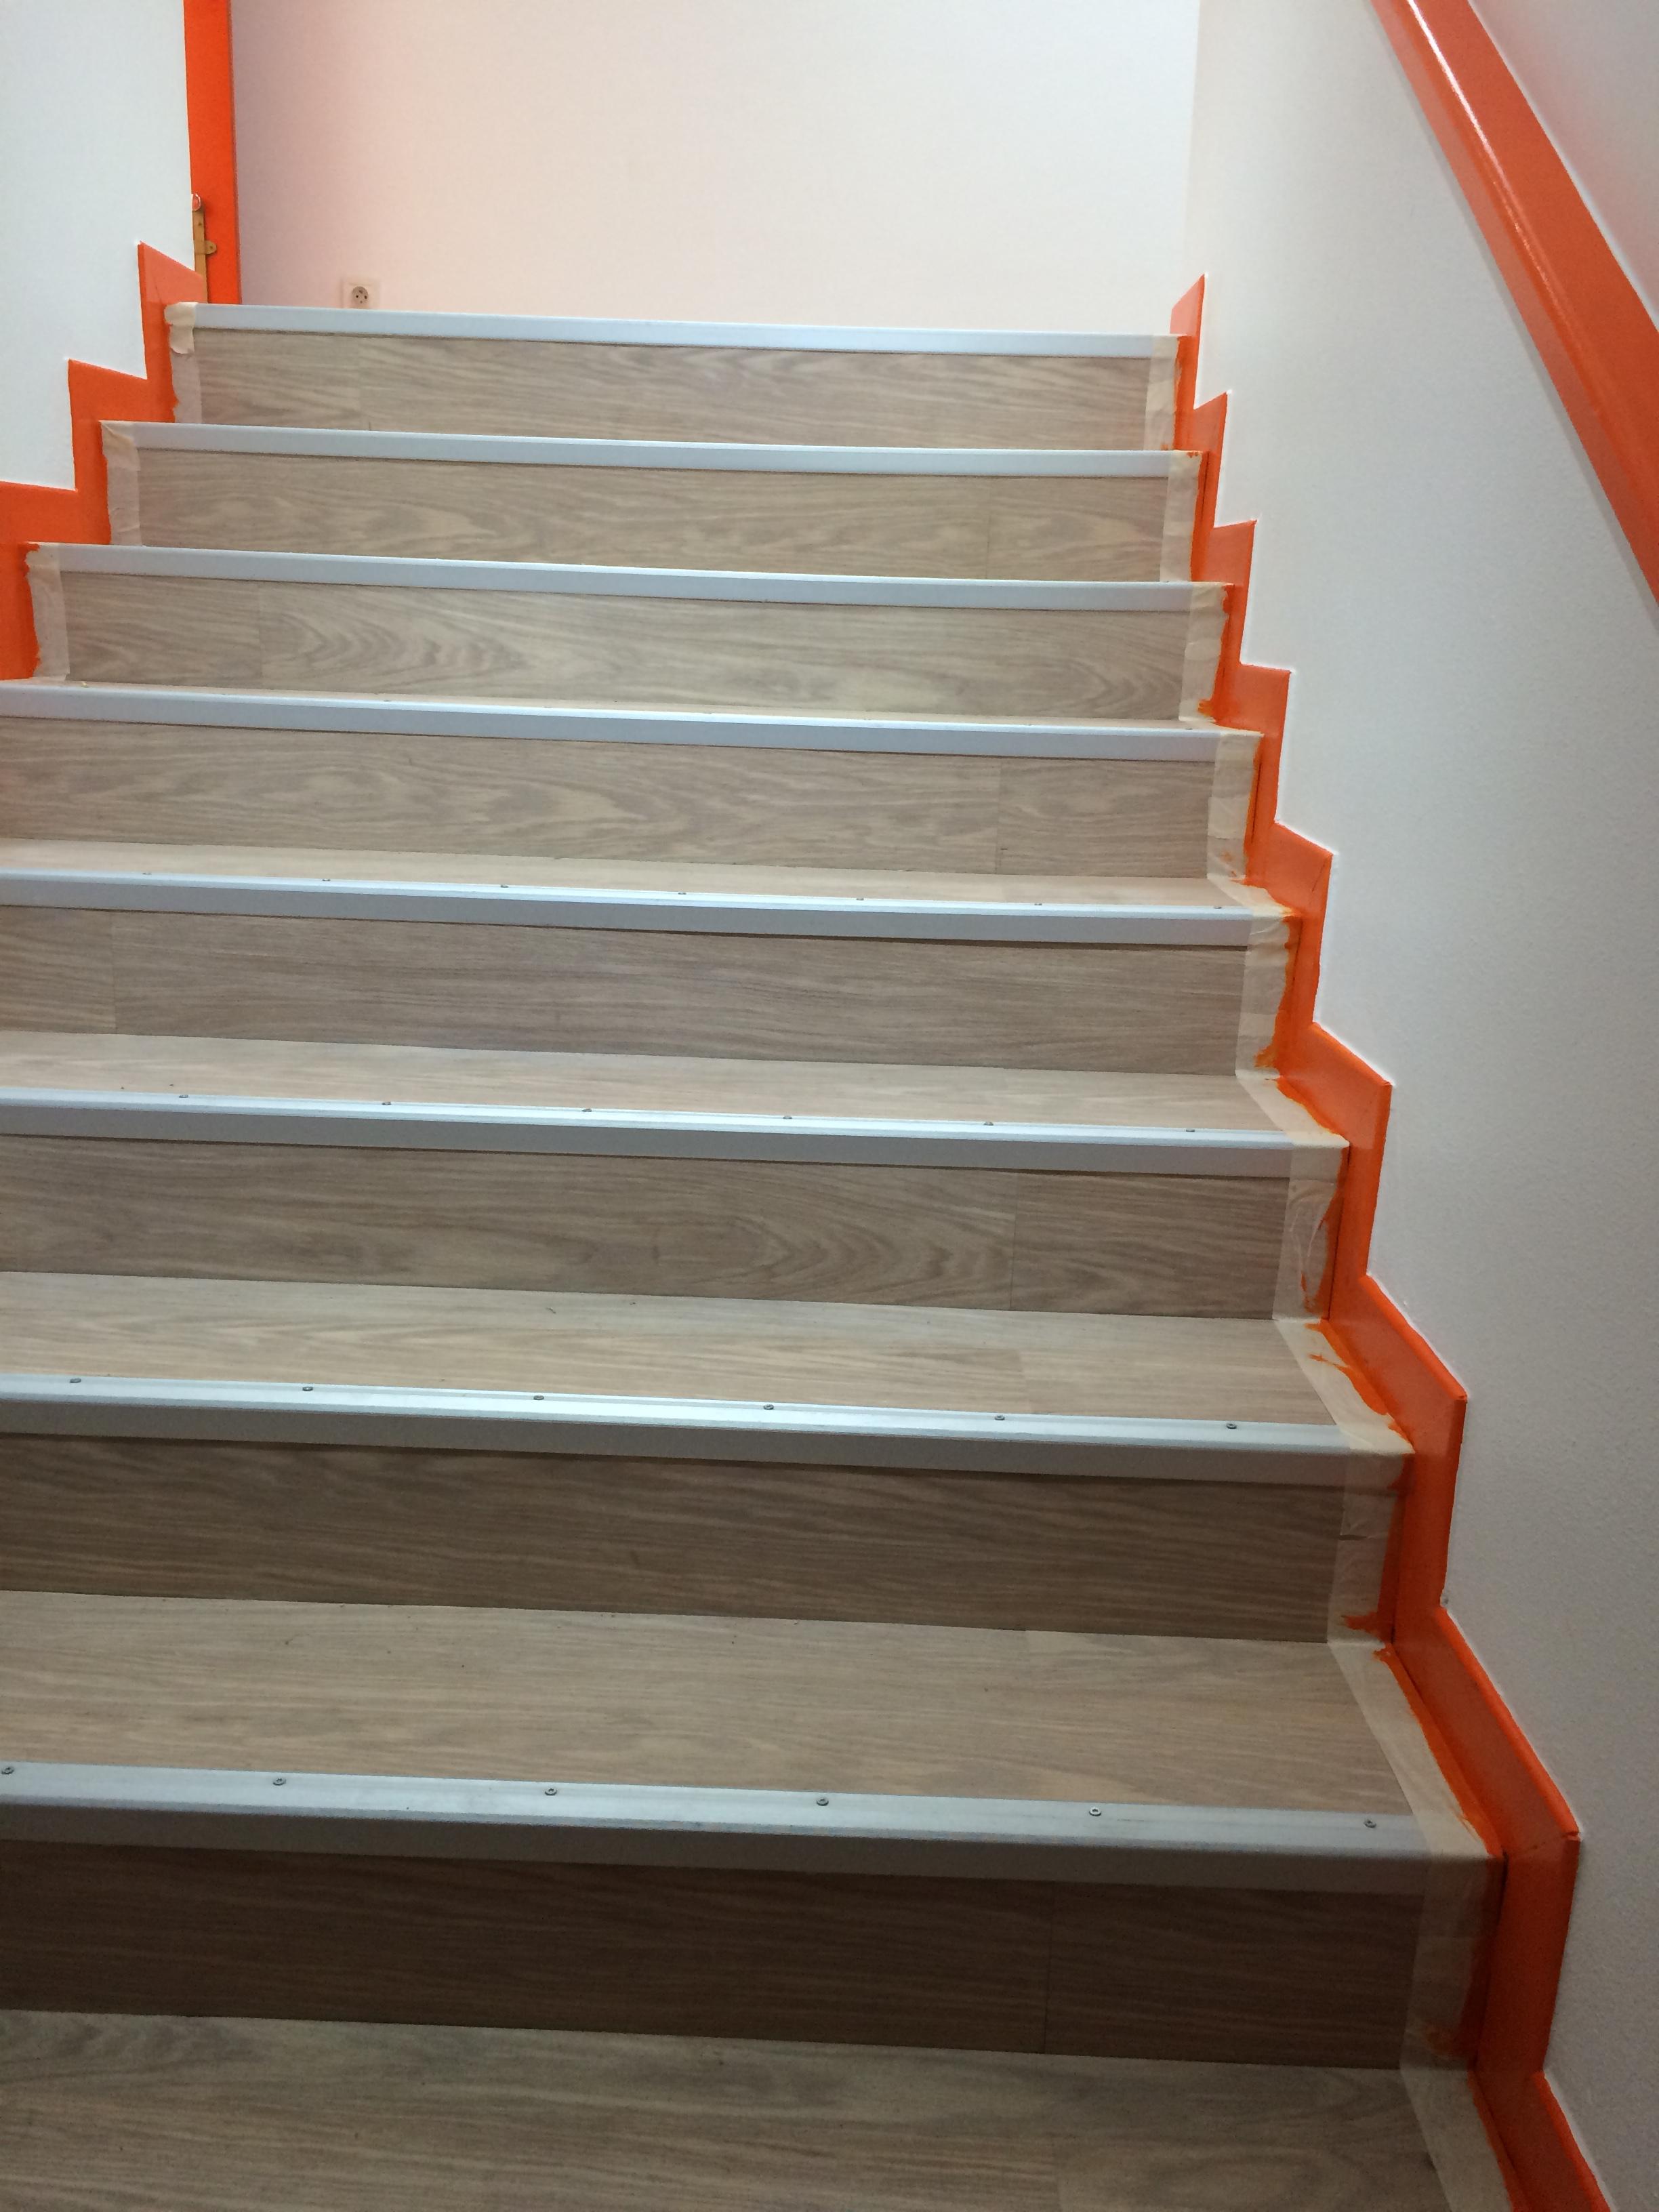 Couleur Peinture Pour Bureau Professionnel peinture pour vos bureaux | espace cloisons alu idf